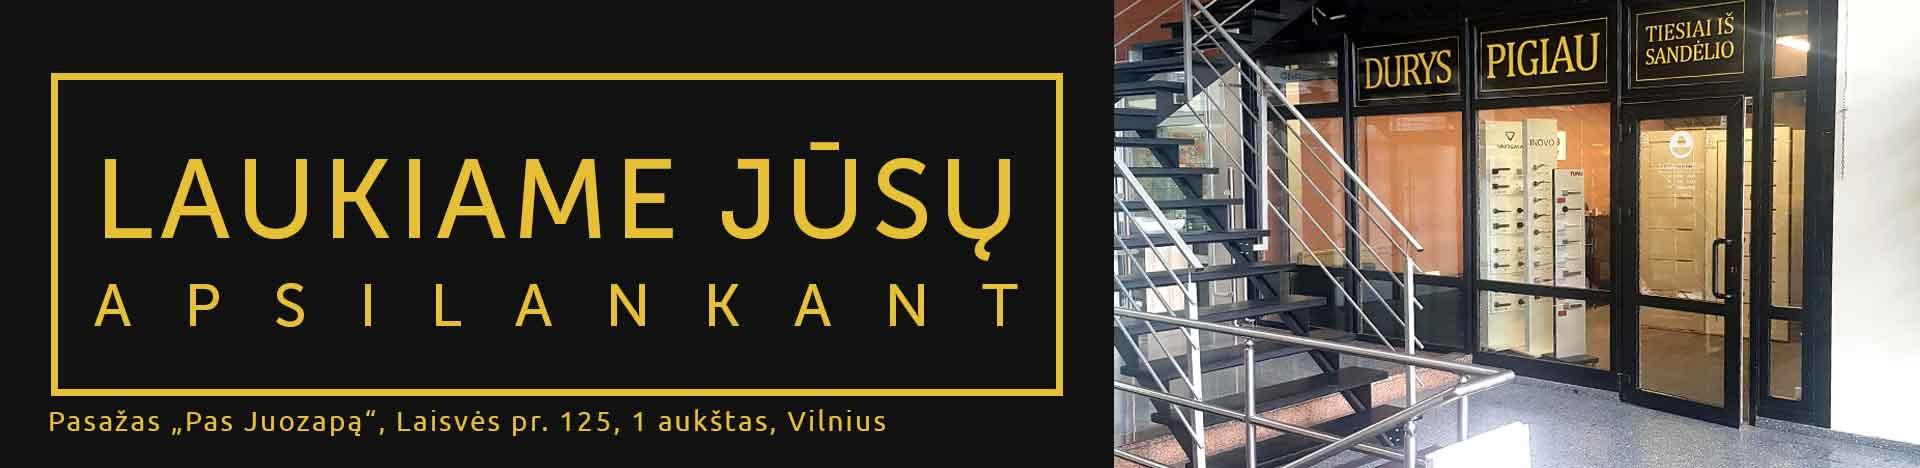 """Durų parduotuvės adresas – Pasažas """"Pas Juozapą"""" Laisvės pr. 125, 1 aukštas, Vilnius"""